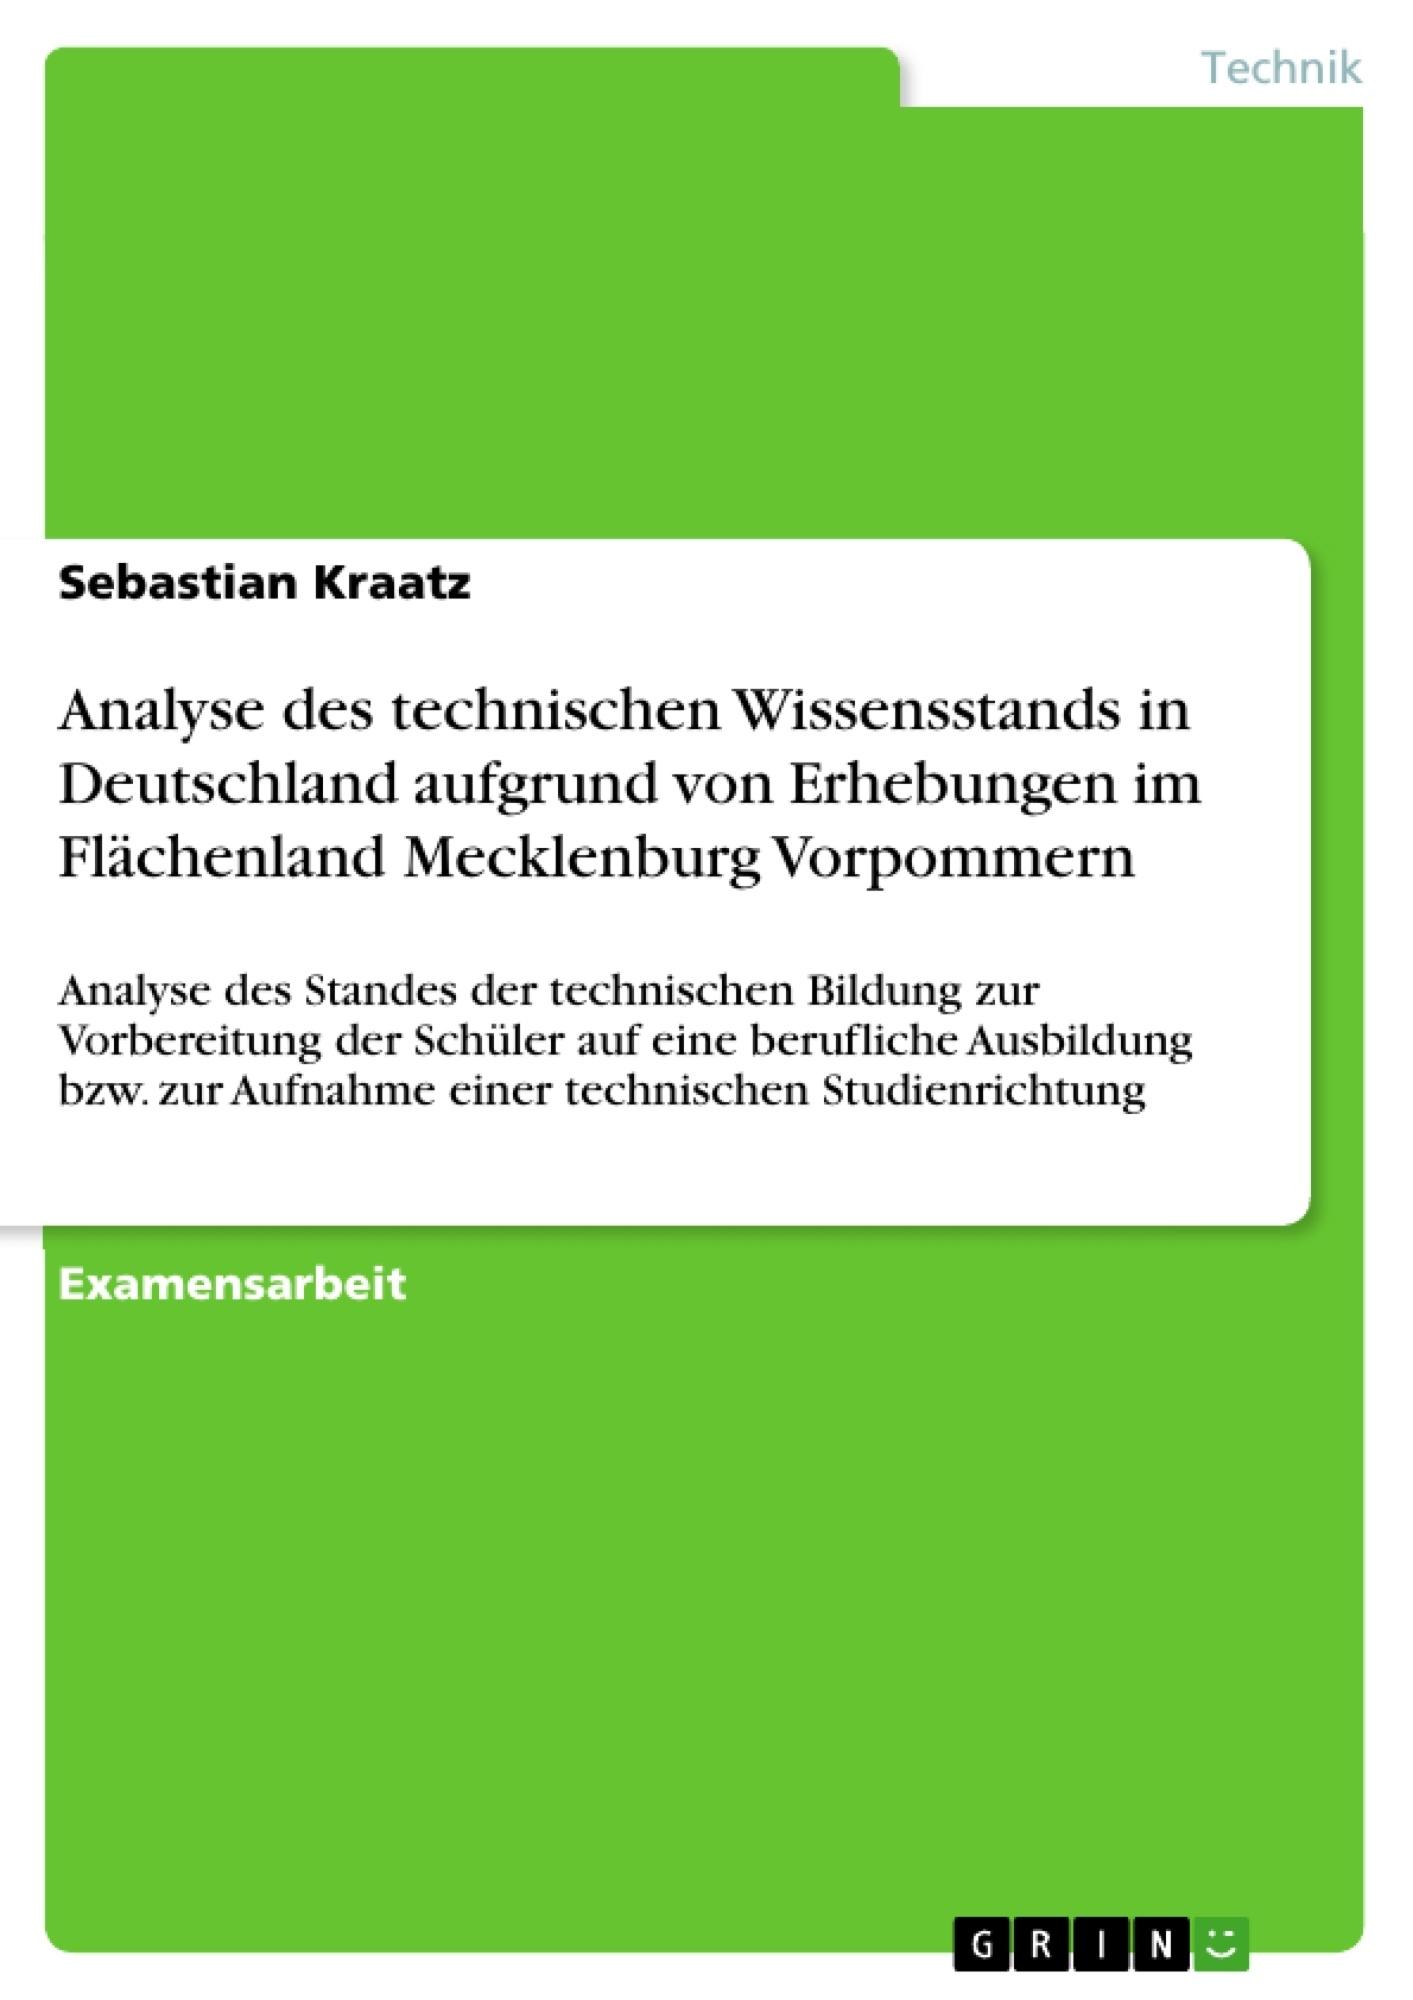 Titel: Analyse des technischen Wissensstands in Deutschland aufgrund von Erhebungen im Flächenland Mecklenburg Vorpommern